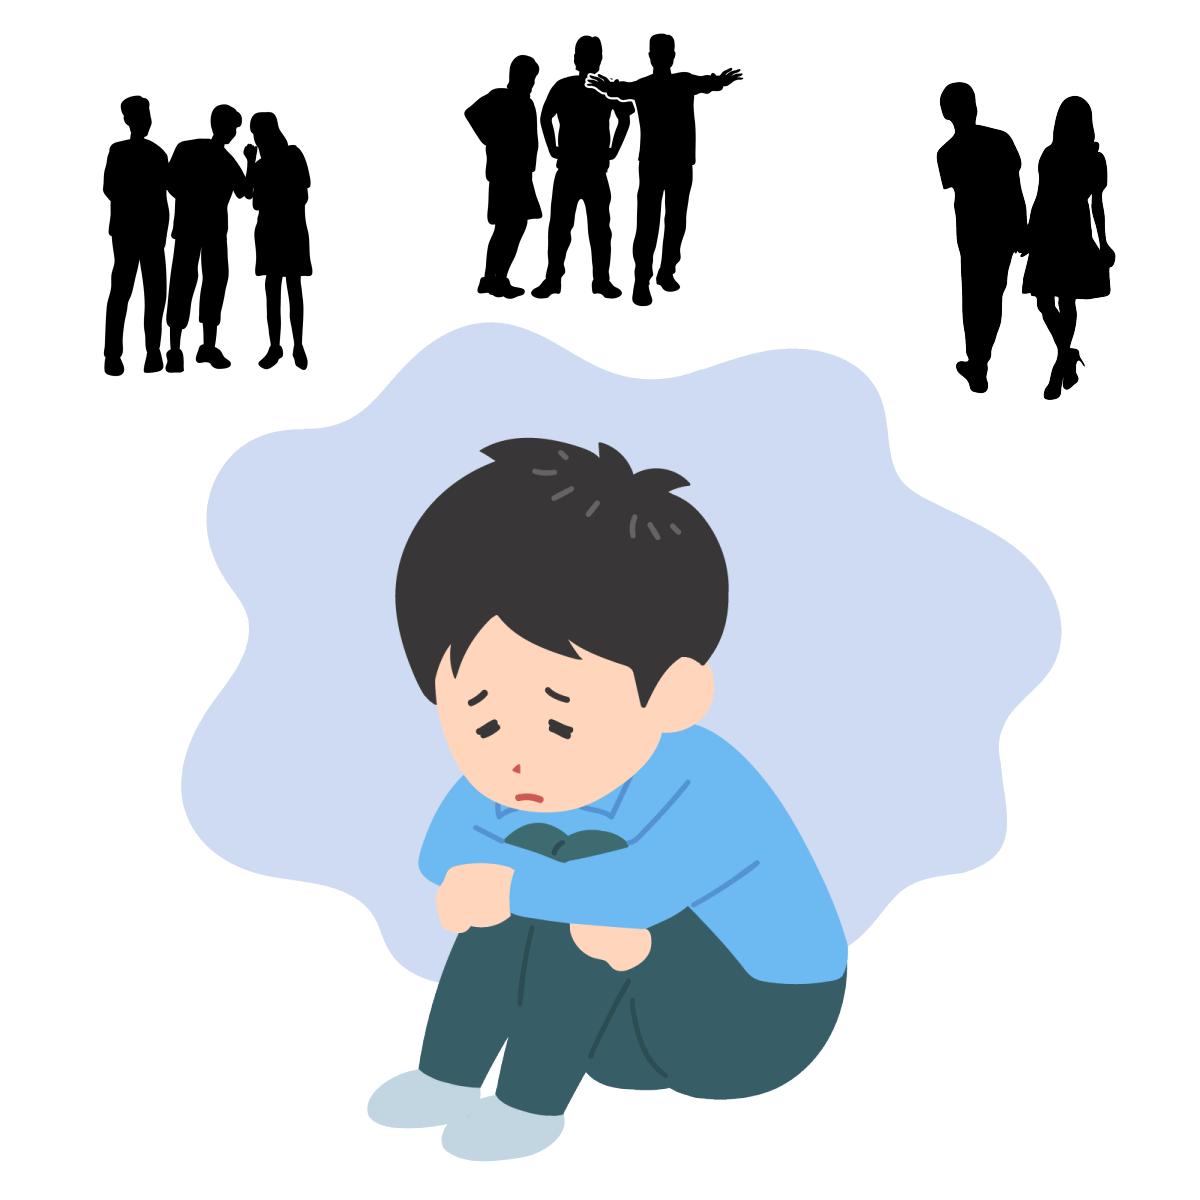 人間関係の距離感がわからないという毒親育ちの男性の性格的な特徴を表すイラスト